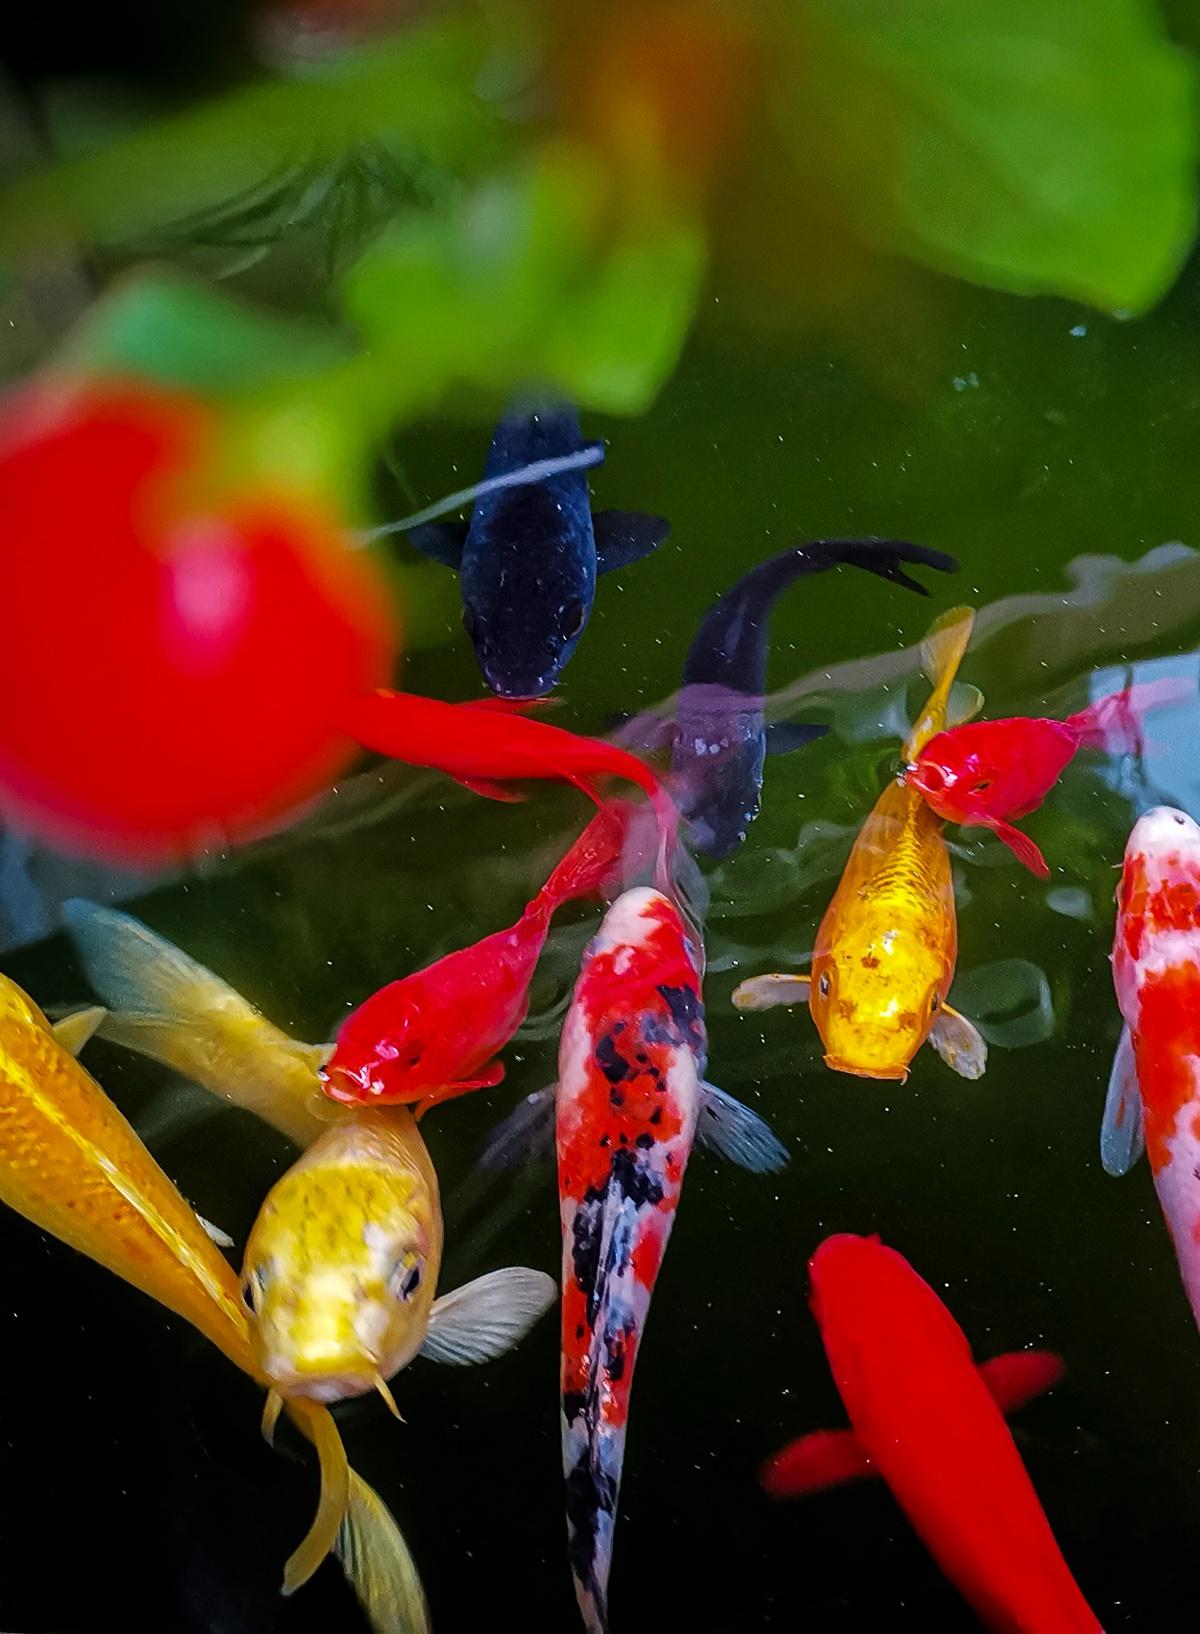 小鱼池随拍:闪着梦幻般色彩的童话会伴随一生1.jpg